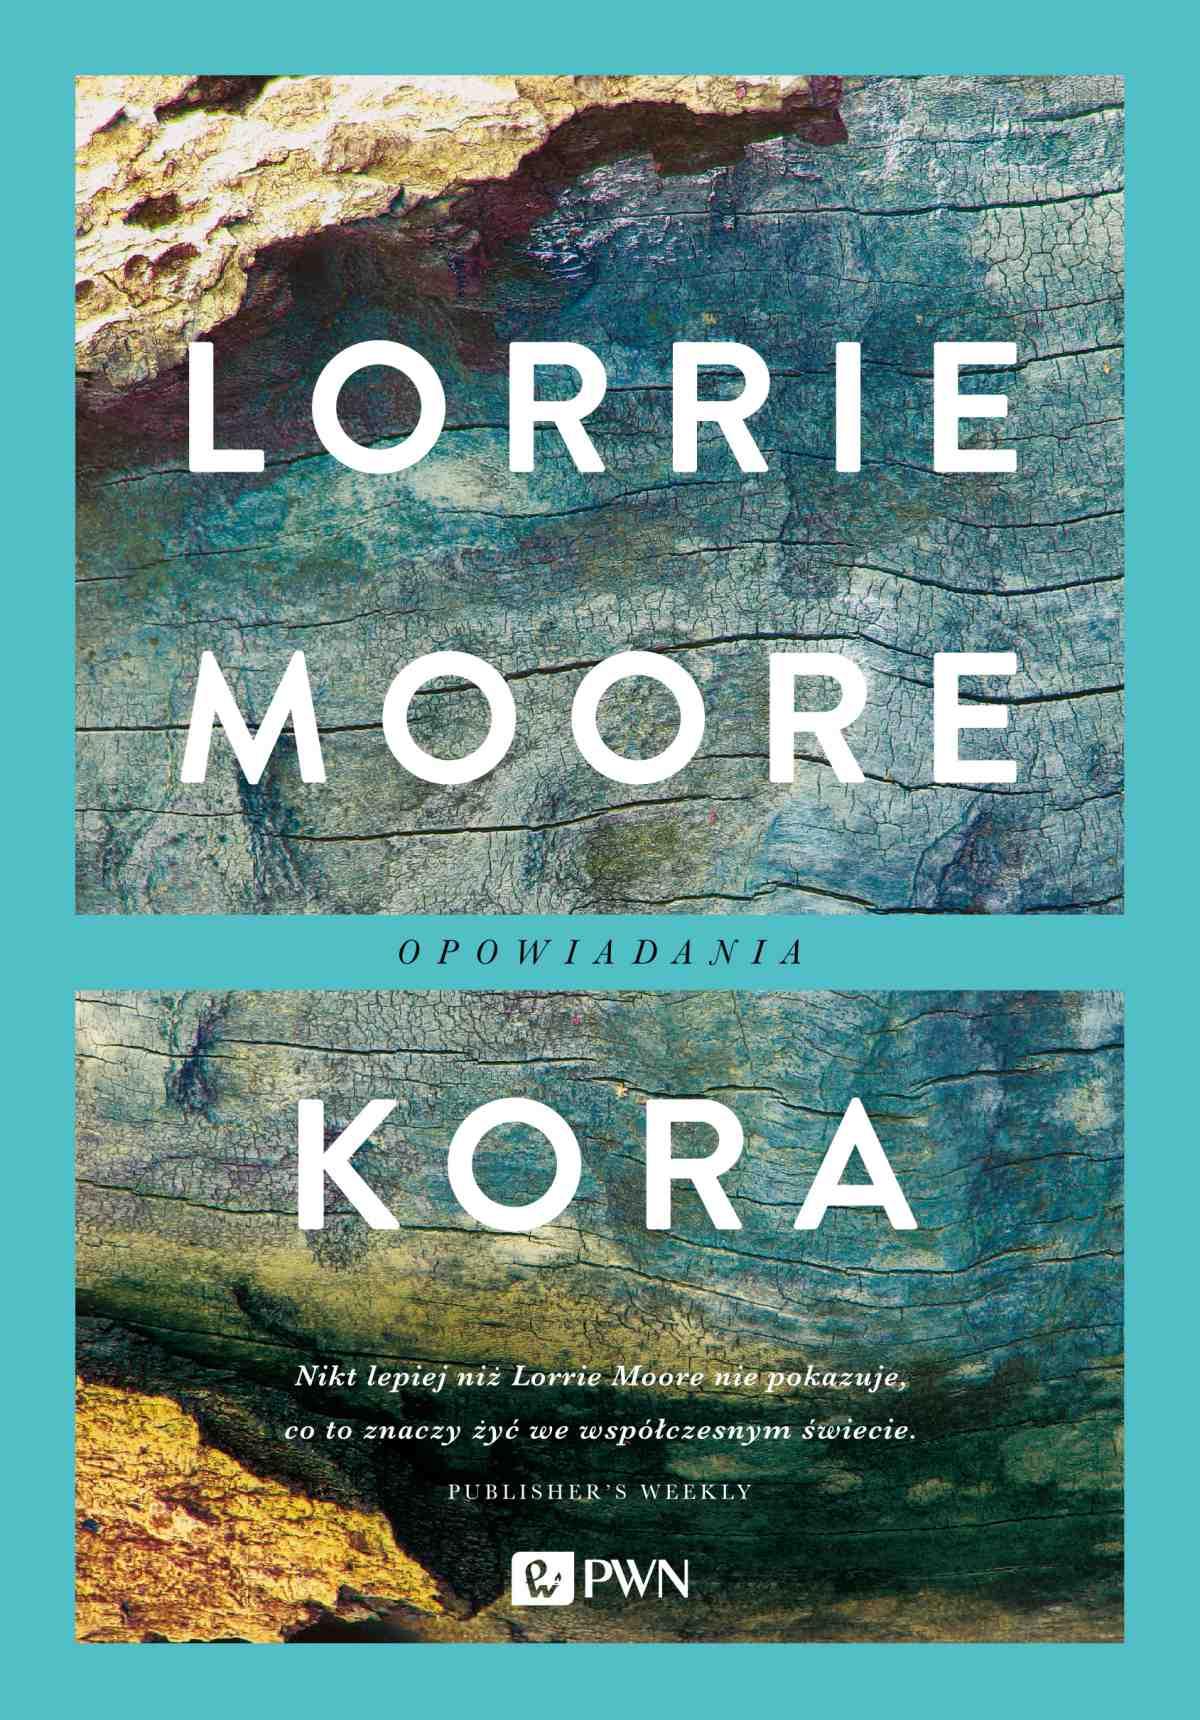 Kora. Opowiadania - Ebook (Książka na Kindle) do pobrania w formacie MOBI